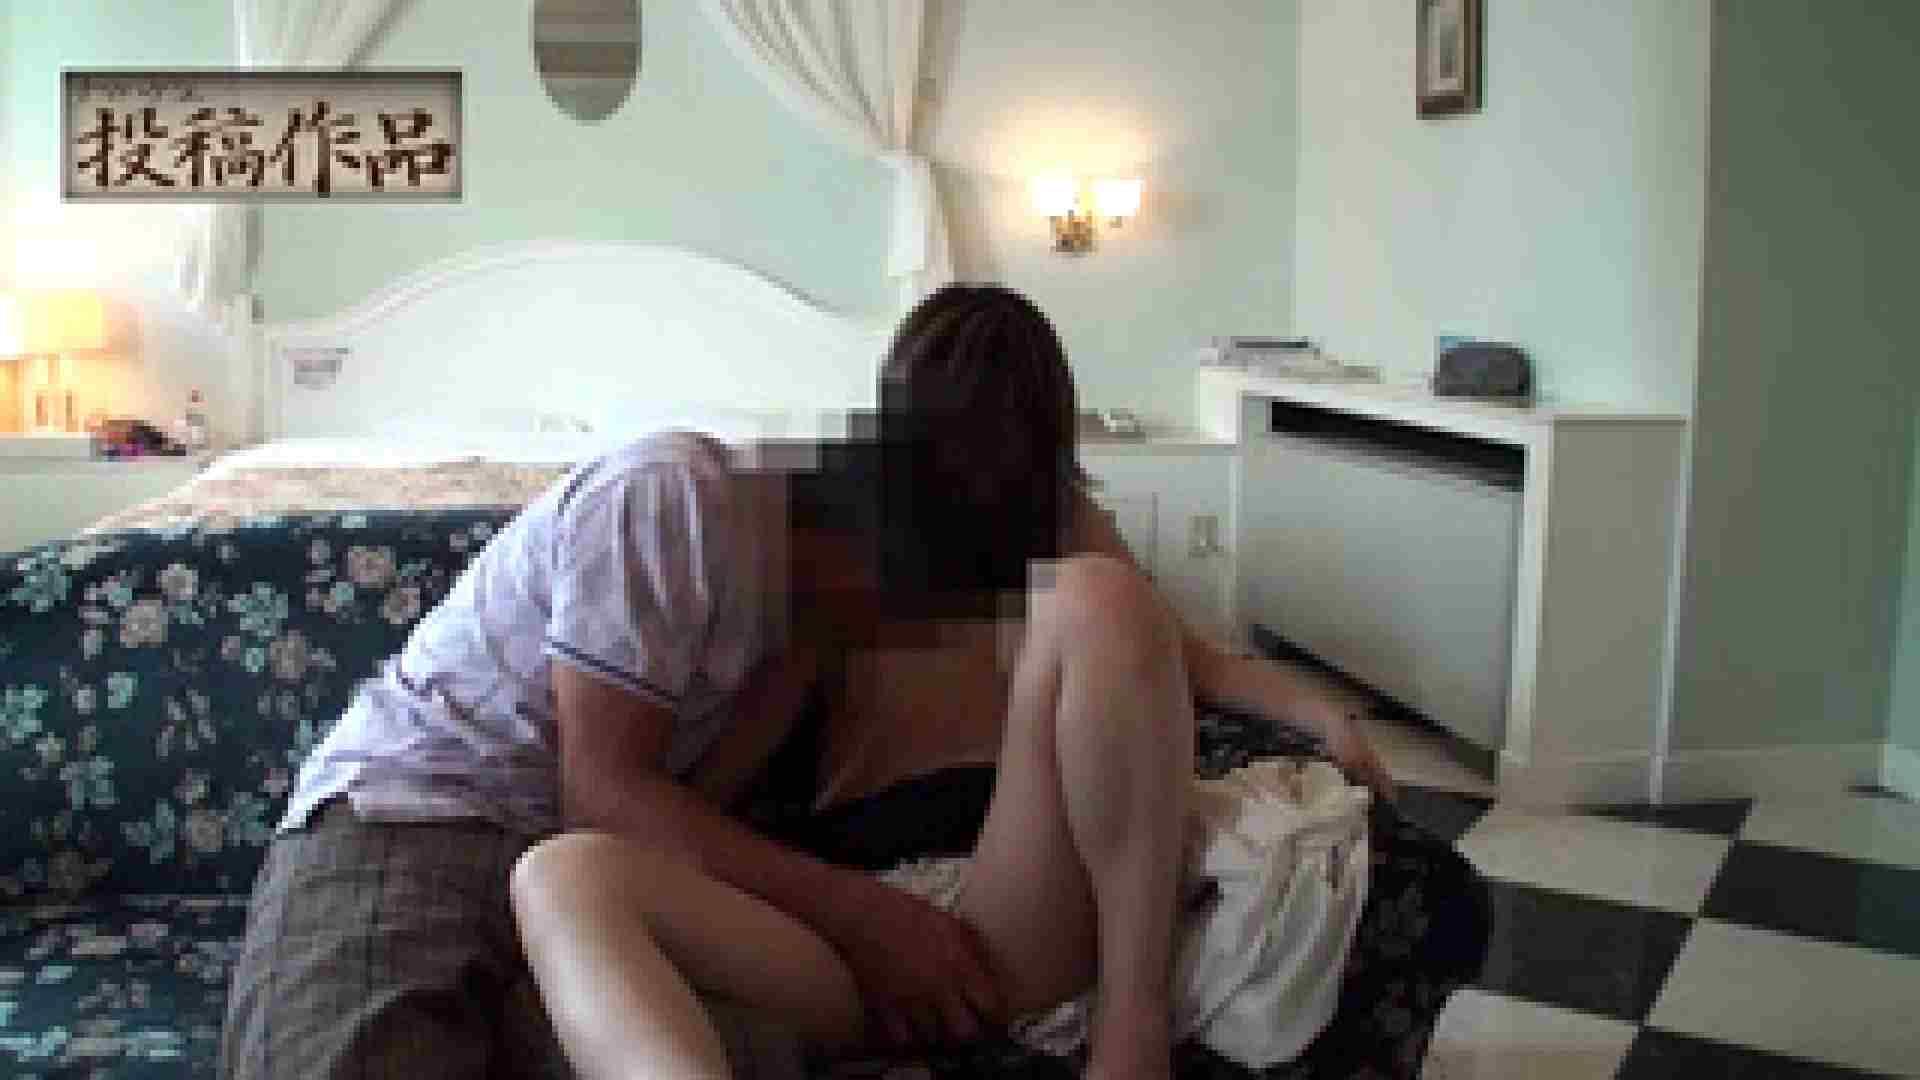 ナマハゲさんのまんこコレクション第3弾 ichiko3 フェラ 盗撮動画紹介 89pic 11